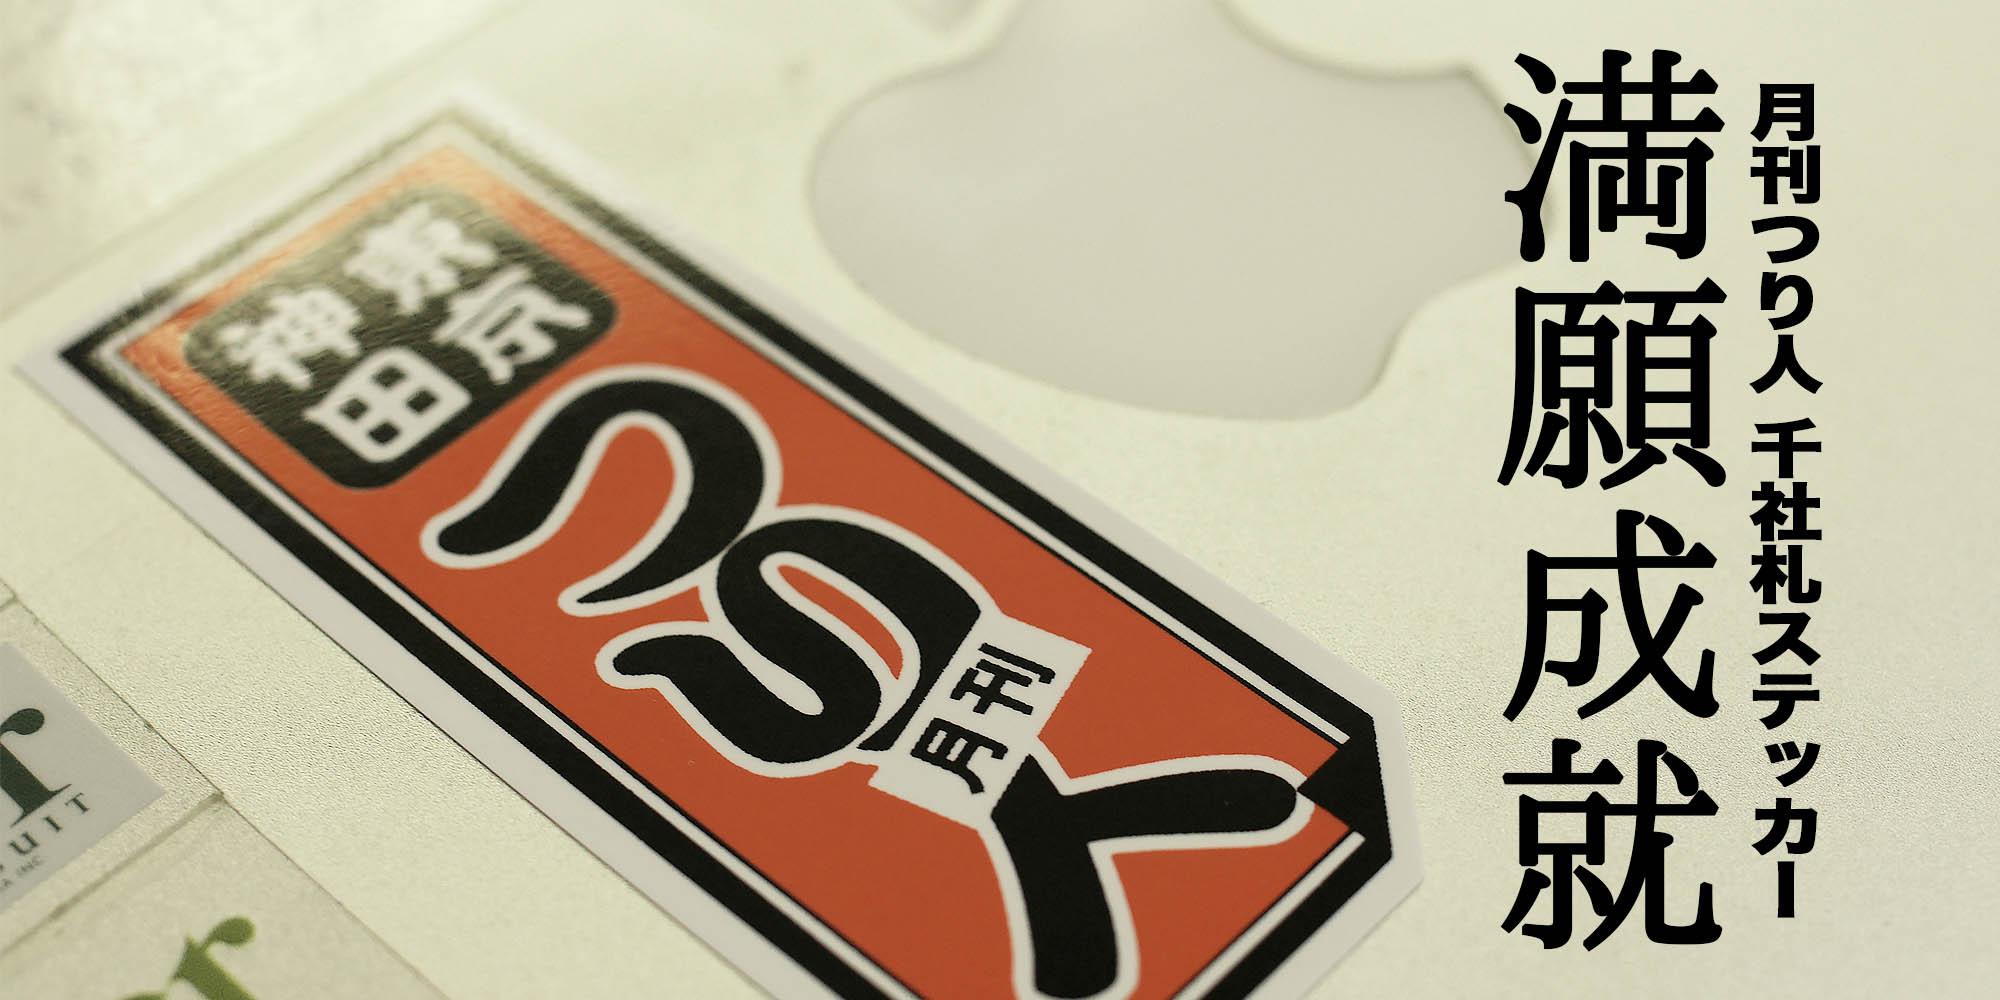 Basser × LUNKER KILLER 10年ぶりのコラボ!